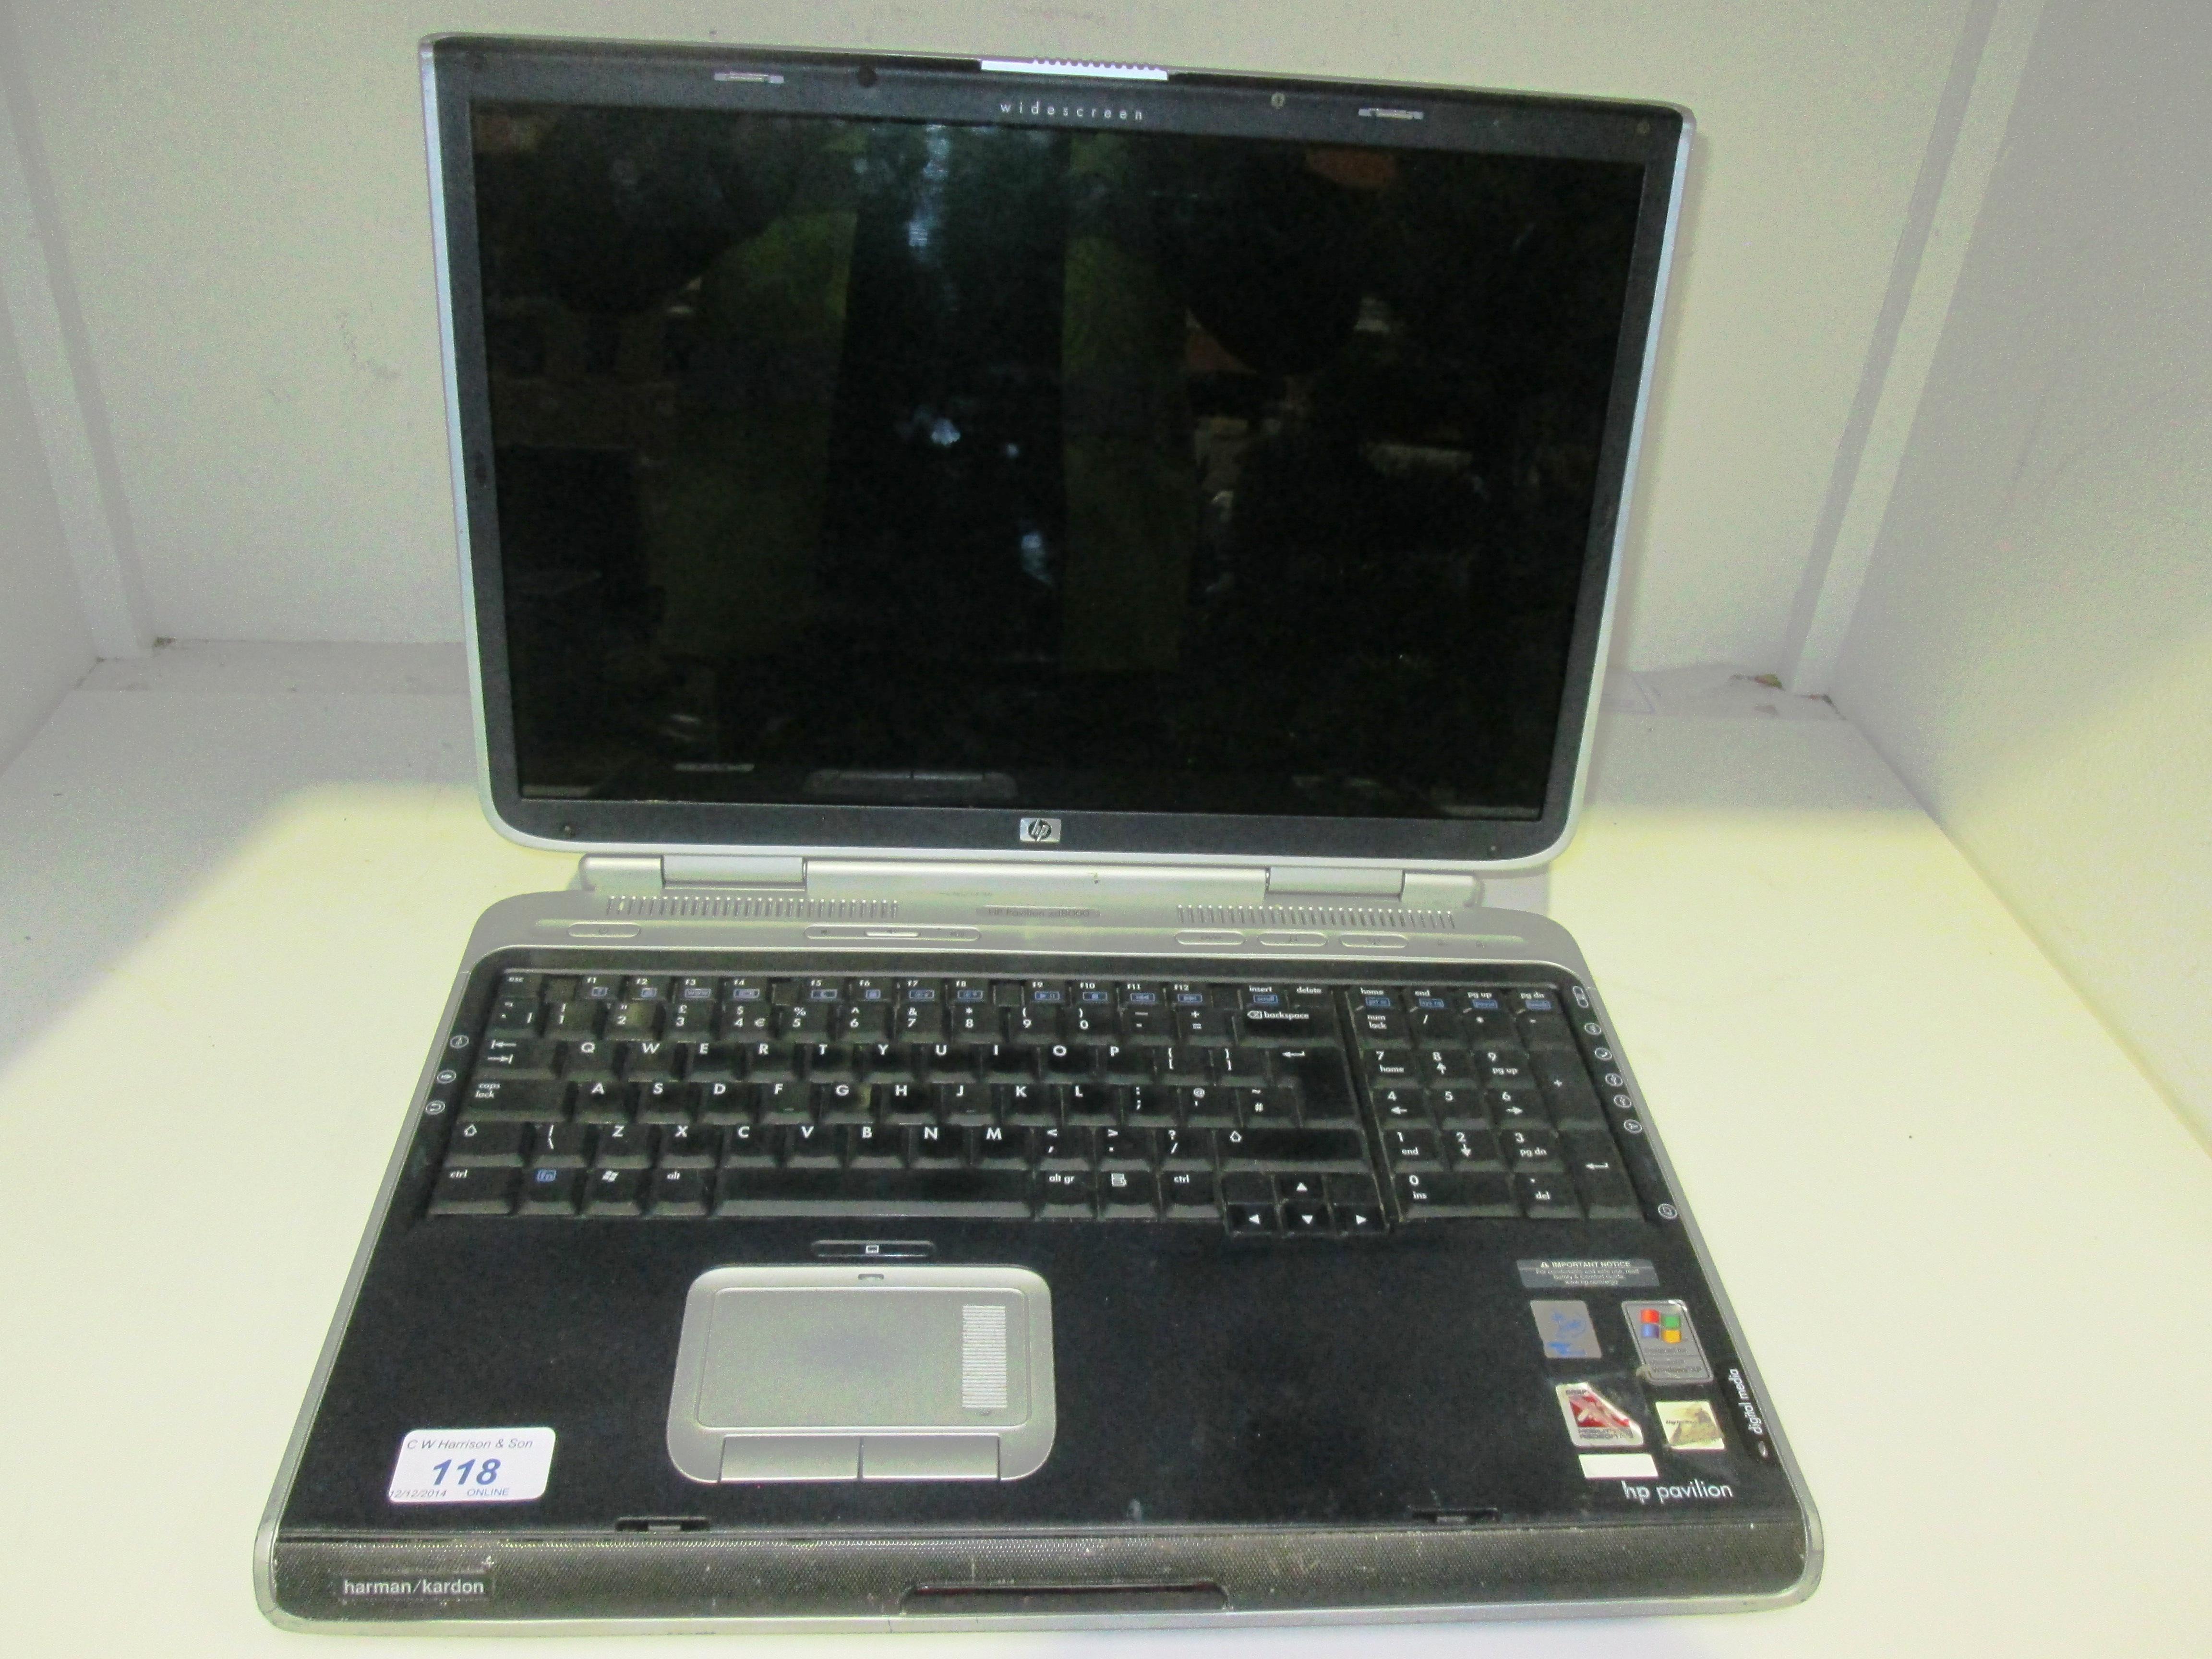 hp Array - hp zd8000 manuals ebook rh hp zd8000 manuals ebook logoutev de